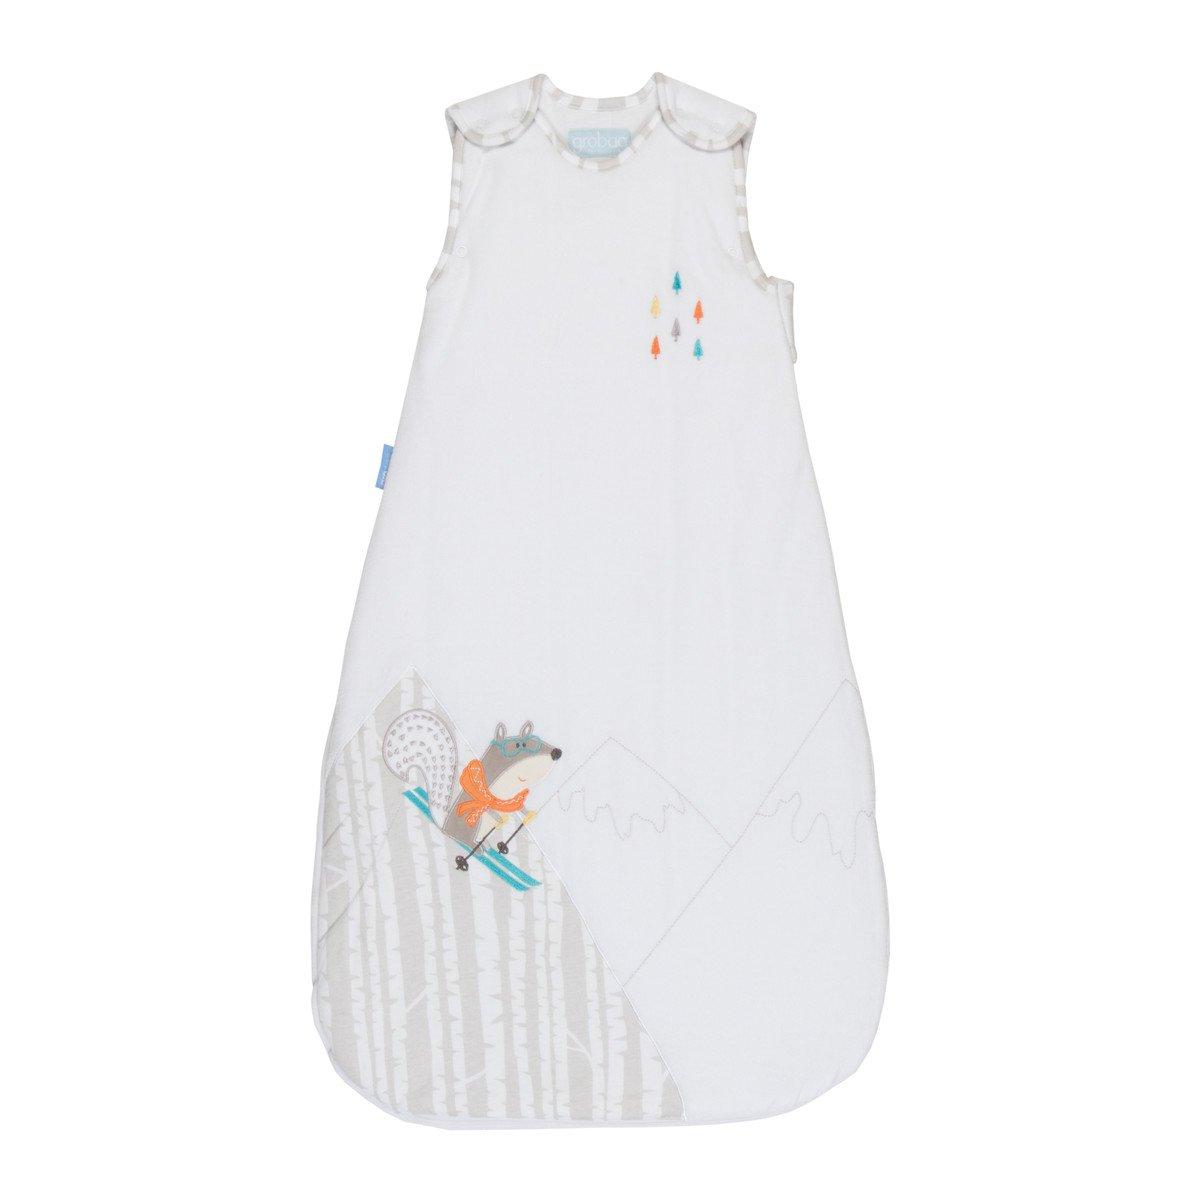 Grobag Hibernate Baby Sleep Bag (0 to 6 months, 3.5 tog) AAA4198